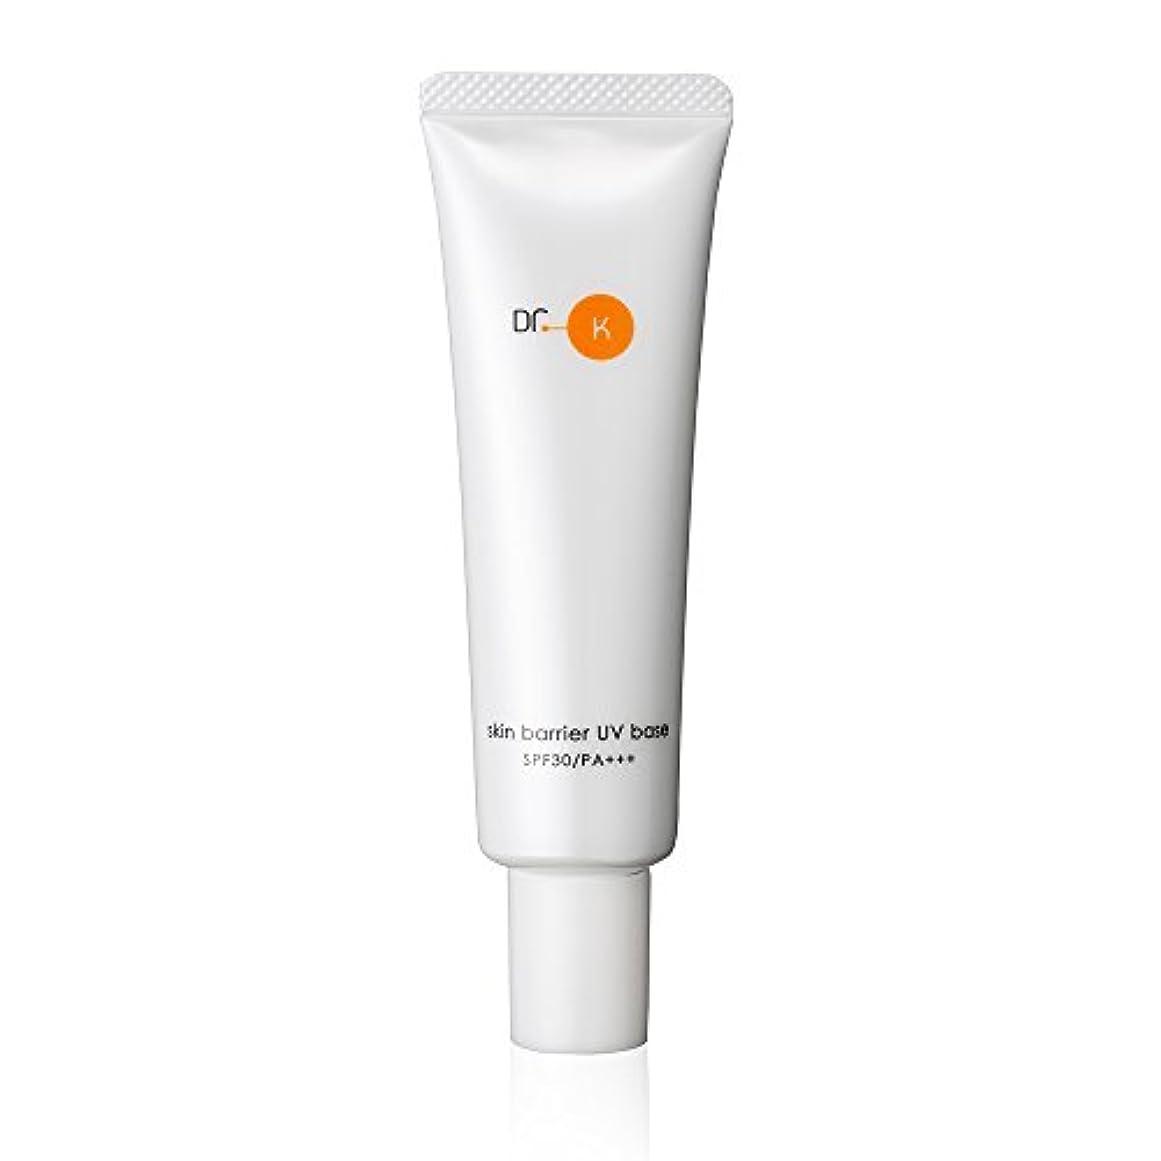 準備慢吸収剤ケイスキンバリアUVベースSPF30/PA+++(日焼け止め化粧下地 30g)